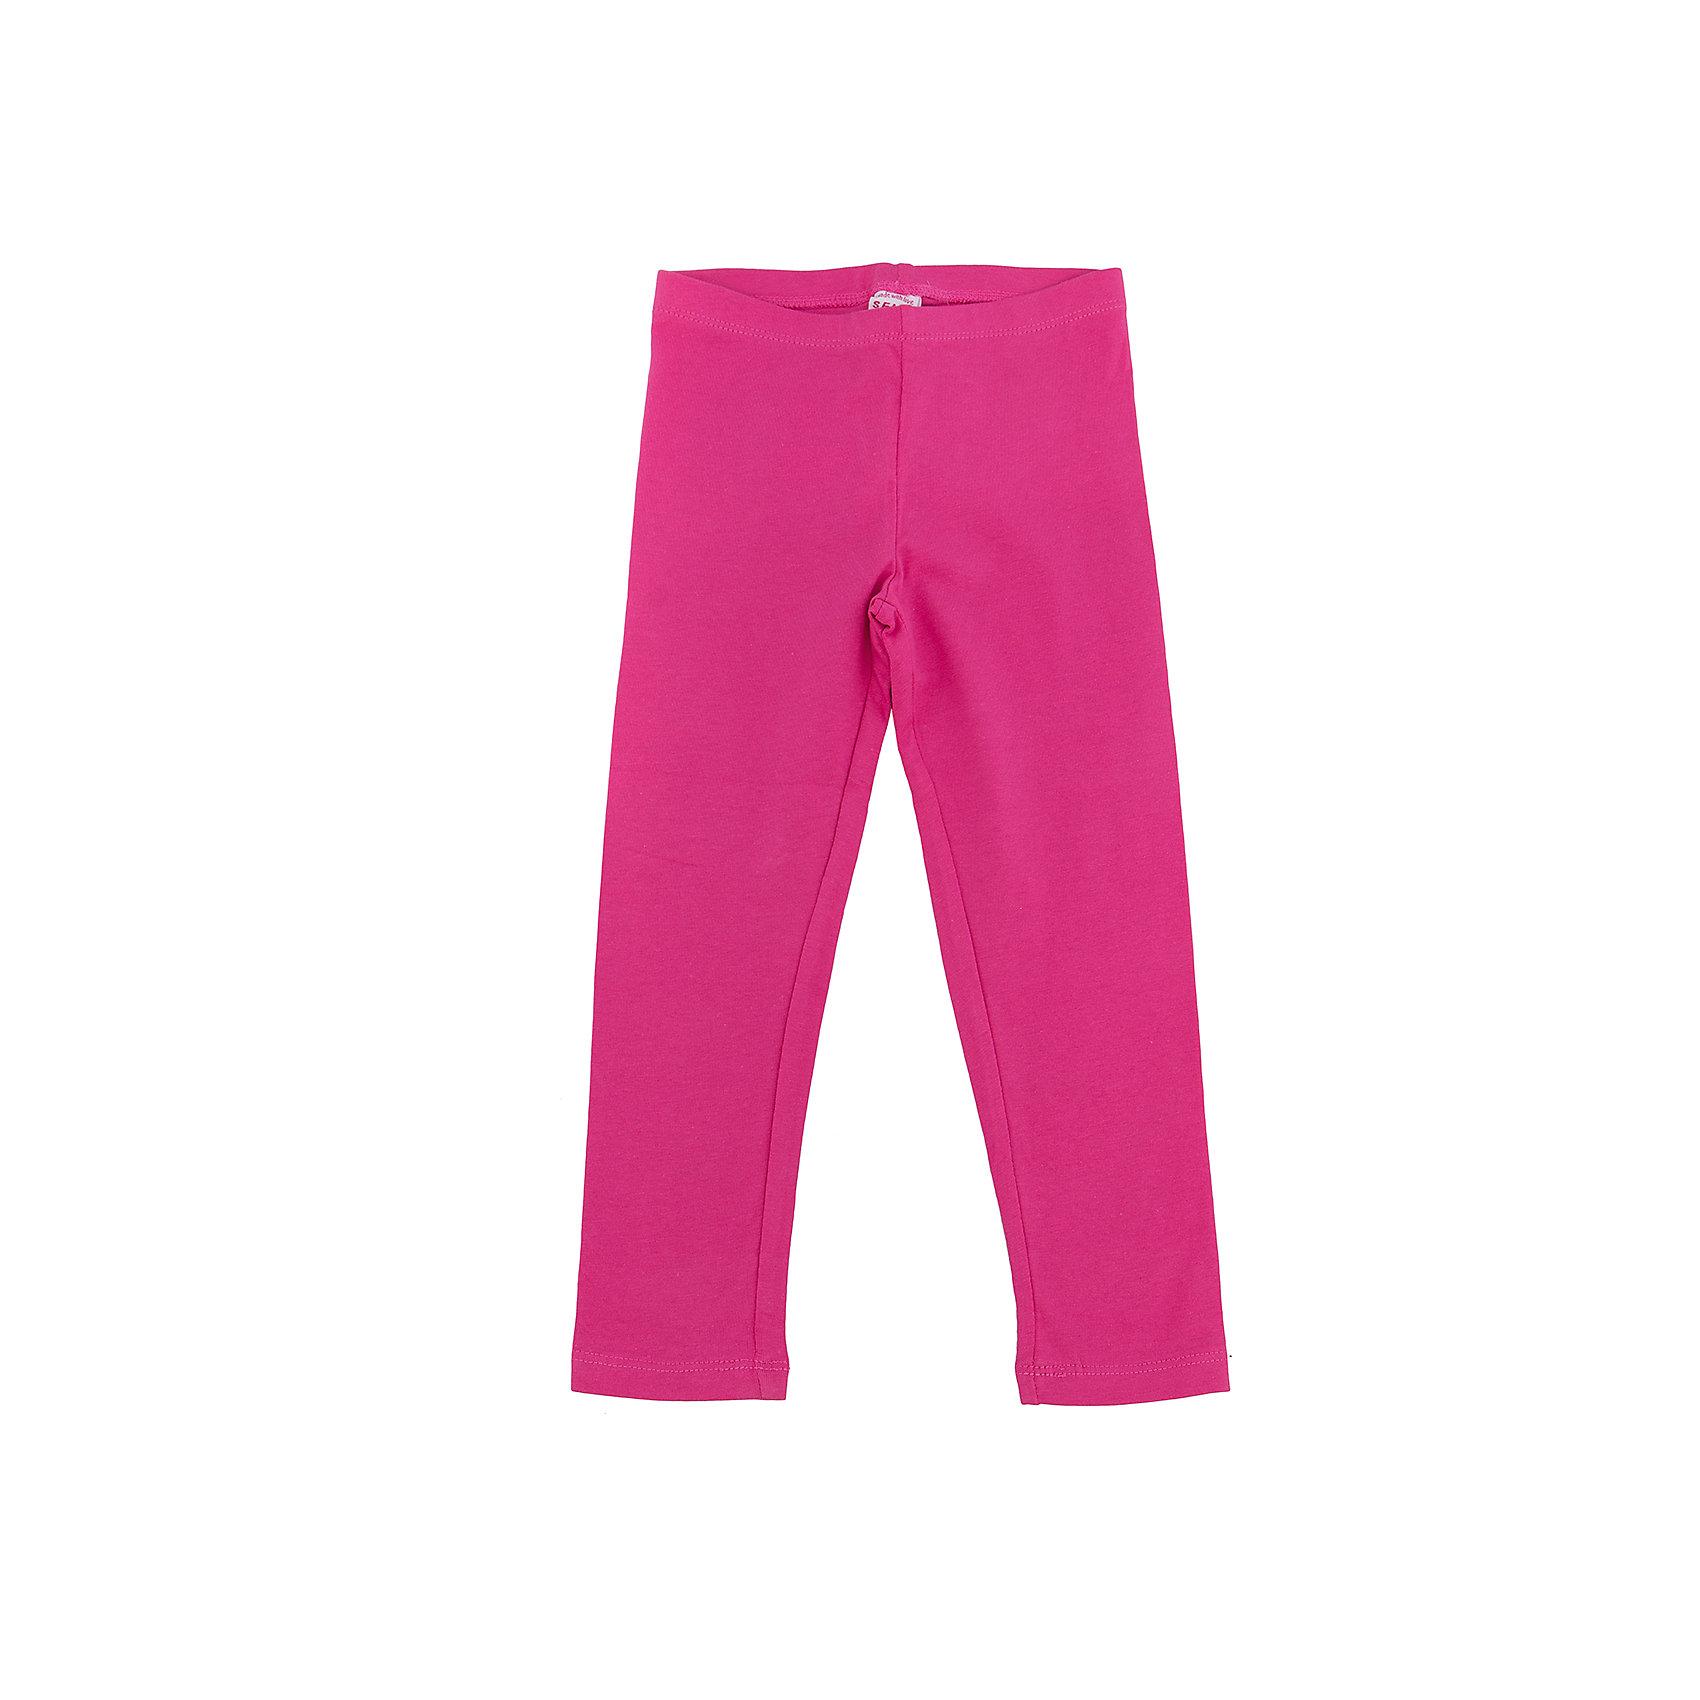 Леггинсы для девочки SELAЛеггинсы<br>Характеристики товара:<br><br>• цвет: розовый<br>• состав: хлопковый трикотаж<br>• эластичный материал<br>• однотонные<br>• пояс: мягкая резинка <br>• коллекция весна-лето 2017<br>• страна бренда: Российская Федерация<br><br>Вещи из новой коллекции SELA продолжают радовать удобством! Симпатичные леггинсы для девочки помогут разнообразить гардероб и обеспечить комфорт. Они отлично сочетаются с майками, футболками, куртками. В составе материала - натуральный хлопок.<br><br>Одежда, обувь и аксессуары от российского бренда SELA не зря пользуются большой популярностью у детей и взрослых! Модели этой марки - стильные и удобные, цена при этом неизменно остается доступной. Для их производства используются только безопасные, качественные материалы и фурнитура. Новая коллекция поддерживает хорошие традиции бренда! <br><br>Леггинсы для девочки от популярного бренда SELA (СЕЛА) можно купить в нашем интернет-магазине.<br><br>Ширина мм: 215<br>Глубина мм: 88<br>Высота мм: 191<br>Вес г: 336<br>Цвет: розовый<br>Возраст от месяцев: 60<br>Возраст до месяцев: 72<br>Пол: Женский<br>Возраст: Детский<br>Размер: 116,92,98,104,110<br>SKU: 5302413